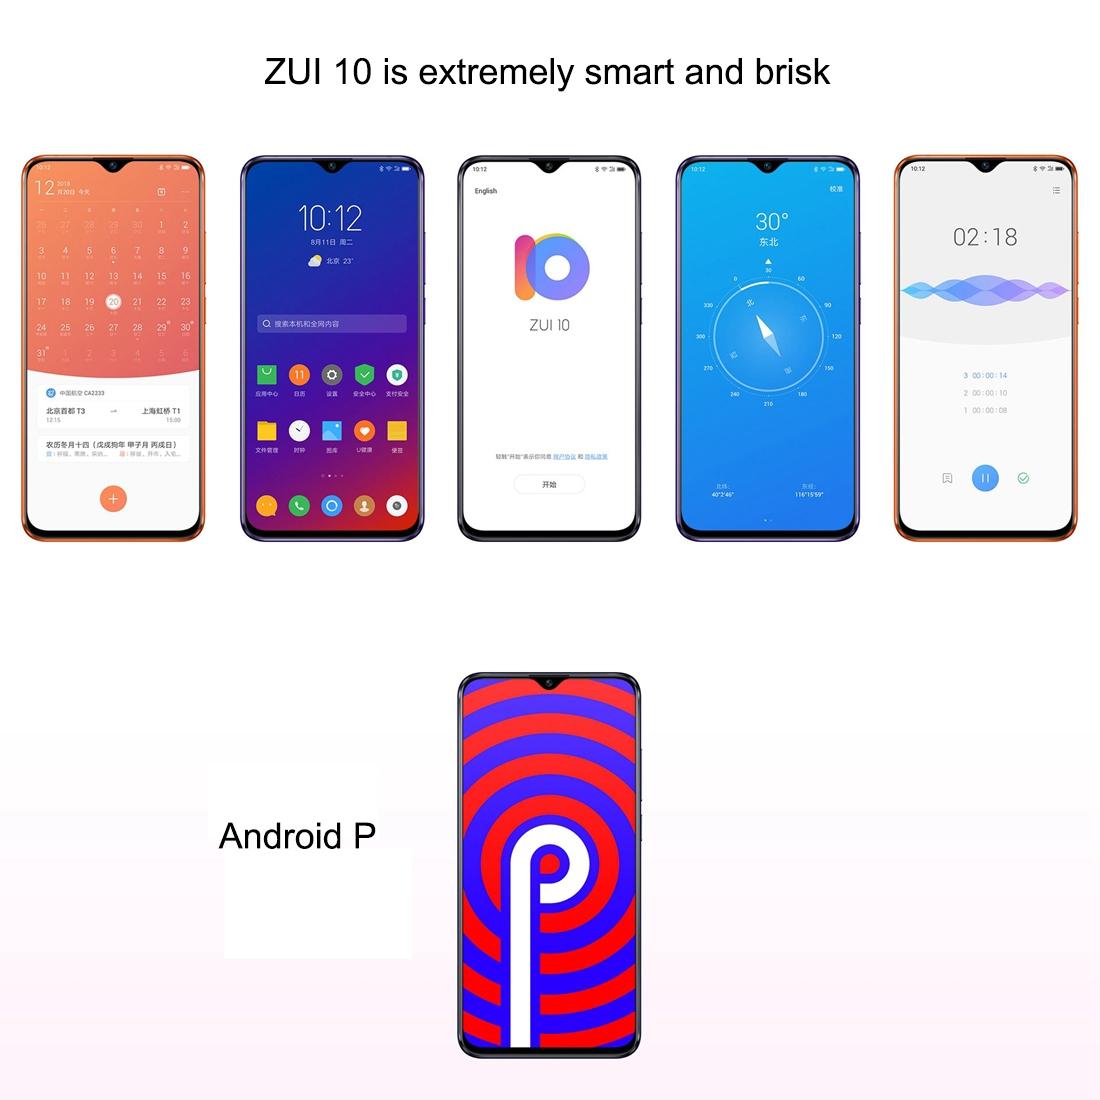 i.ibb.co/zNrP3X9/Smartphone-6-GB-de-RAM-128-GB-de-ROM-Lenovo-Z5s-16.jpg